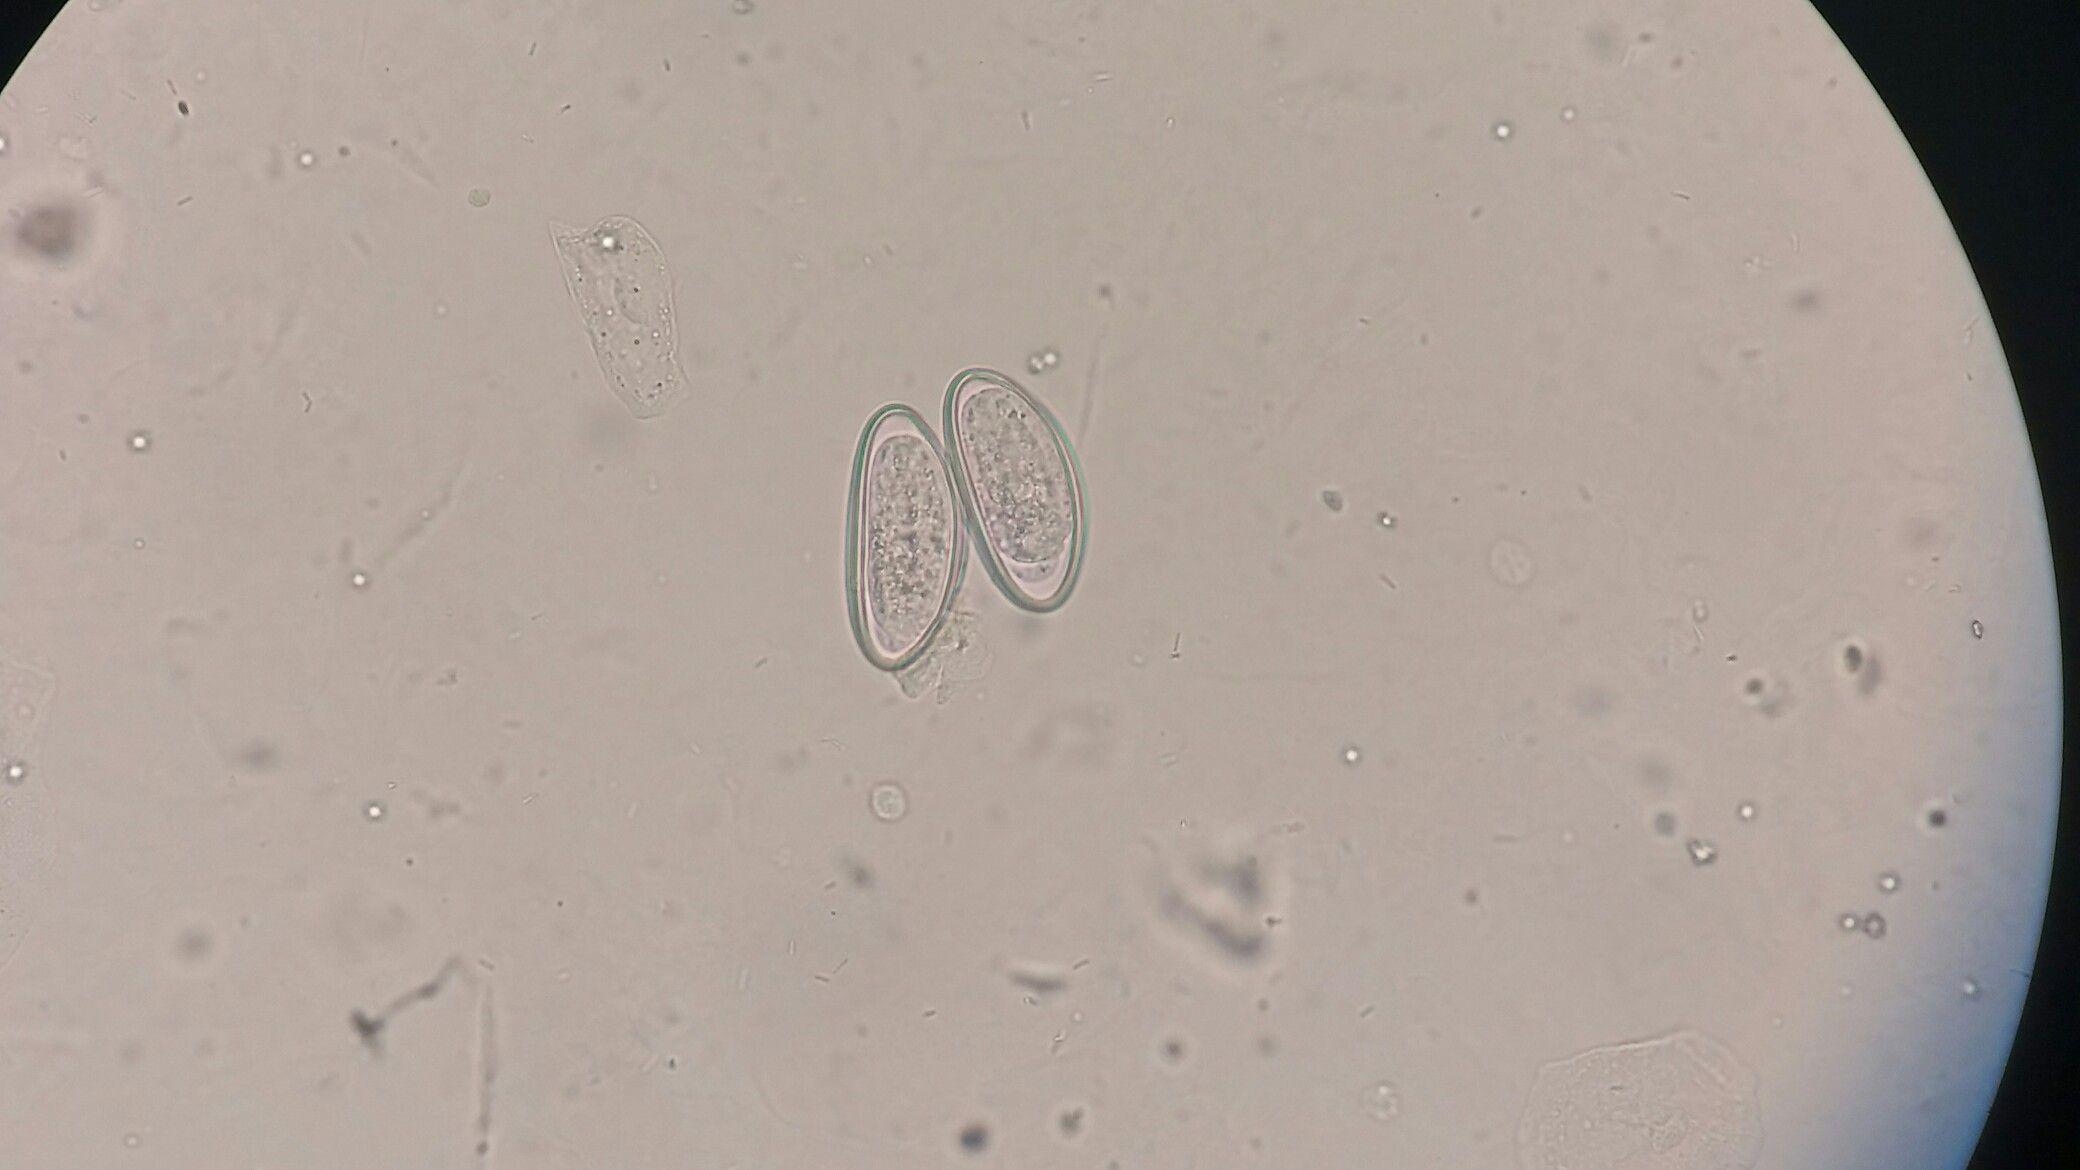 Paraziták a székletben: jelek és fotók - Ascaris tojás a székletben kezelés után